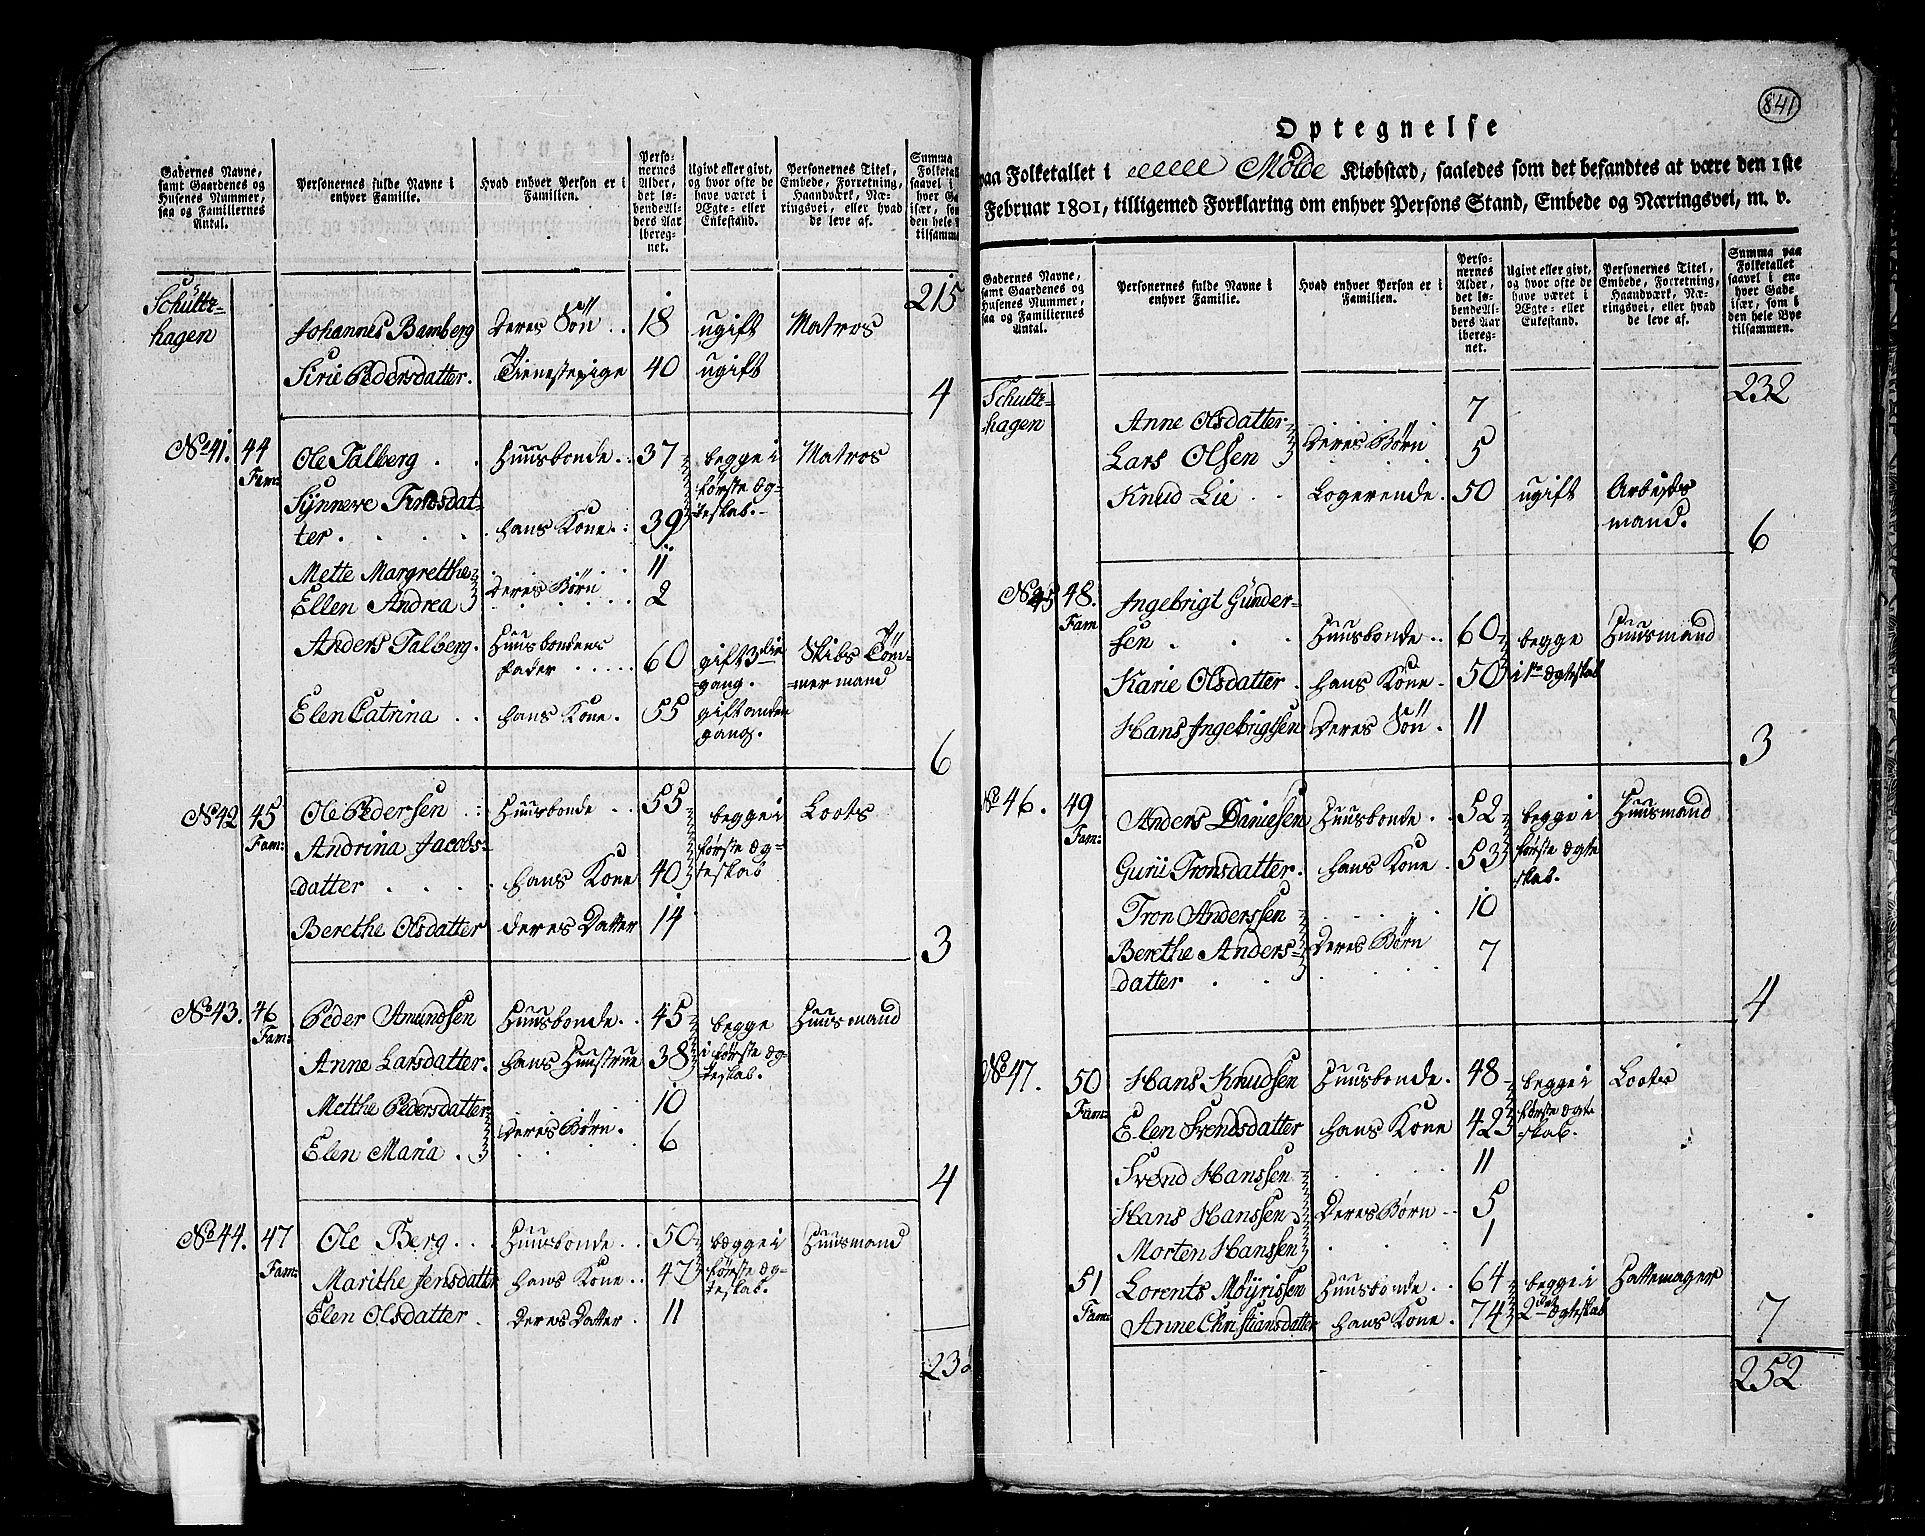 RA, Folketelling 1801 for 1544P Bolsøy prestegjeld, 1801, s. 840b-841a